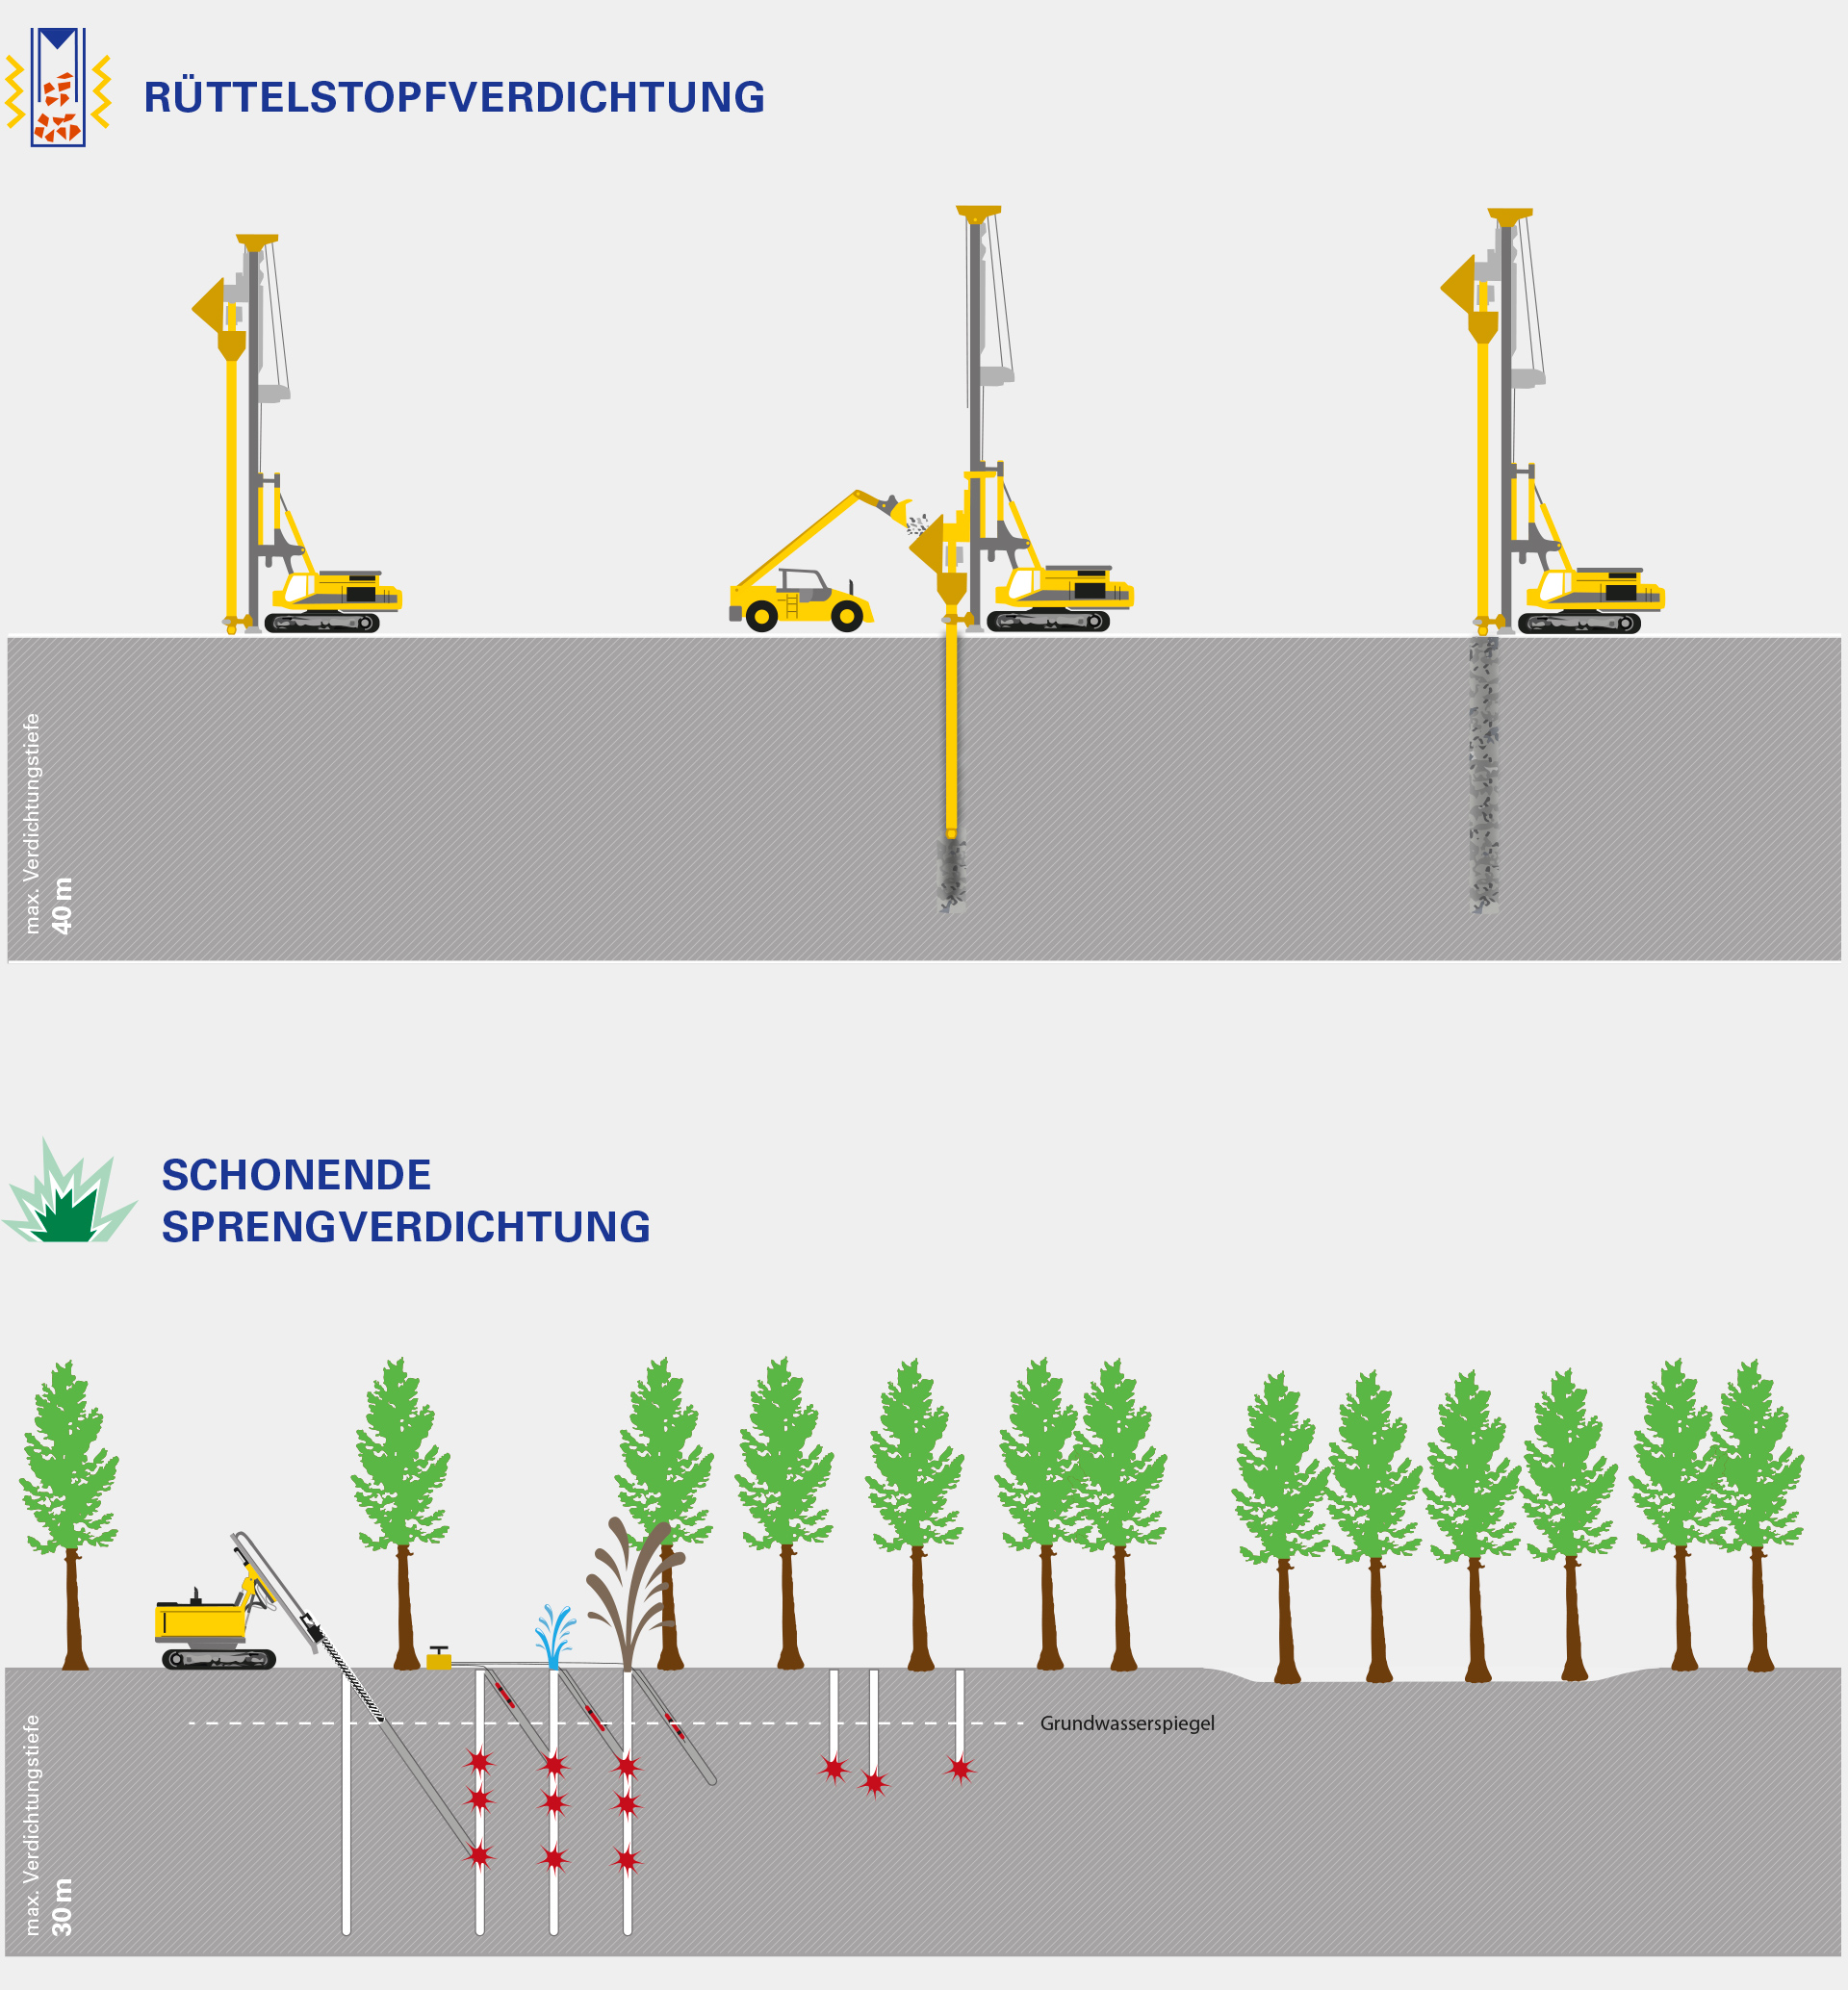 Referenz agreement - LMBV-Illustration Kippenverdichtung